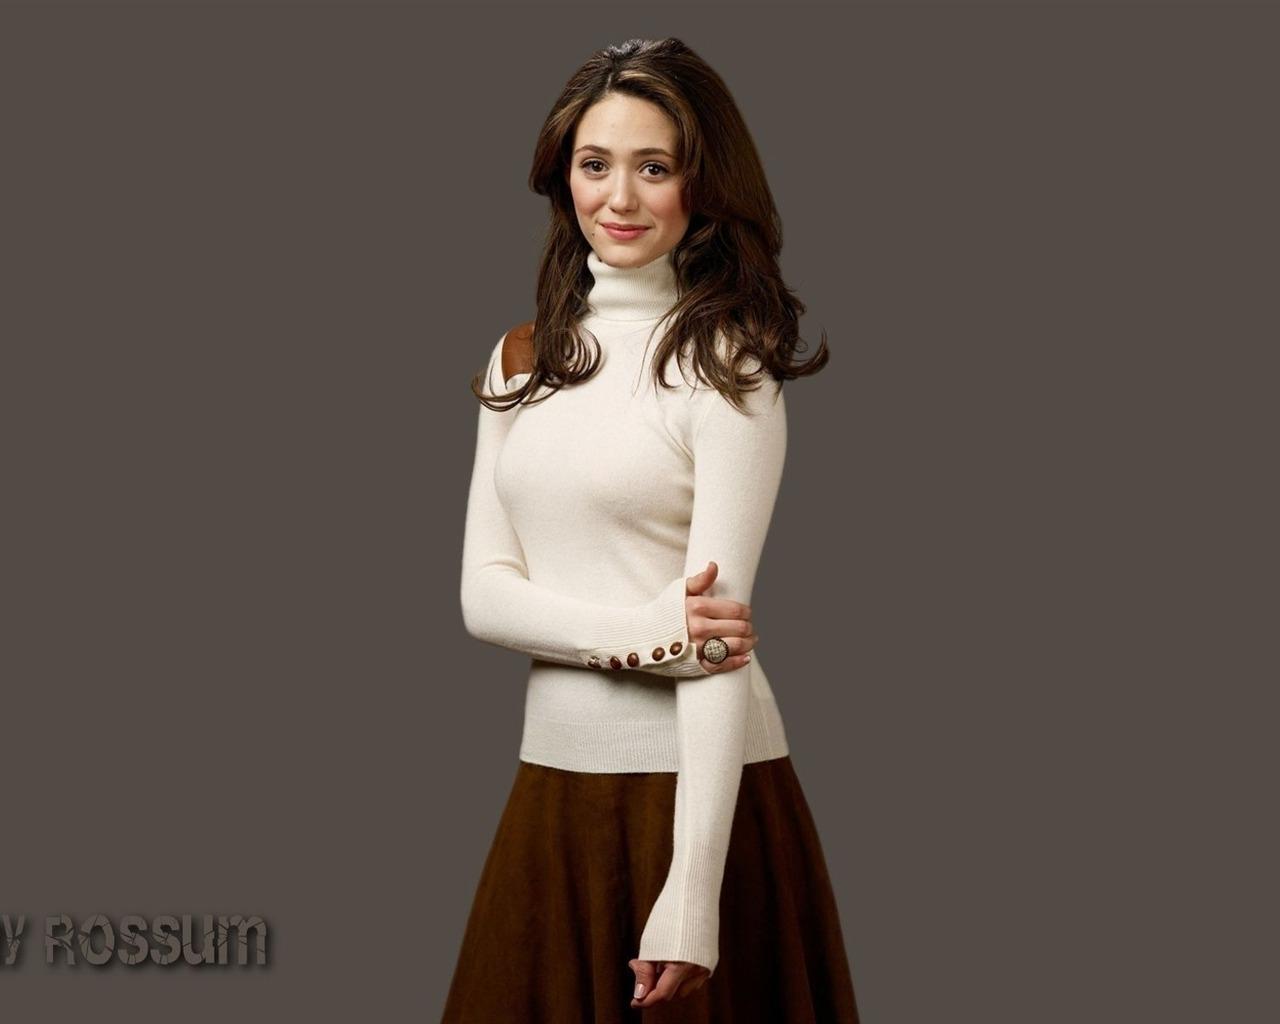 エミーロッサム美しい壁紙 #5 - 1280x1024 壁紙ダウンロード - エミーロッサム美しい壁紙 - 人 壁紙 ... Emmy Rossum Wallpaper